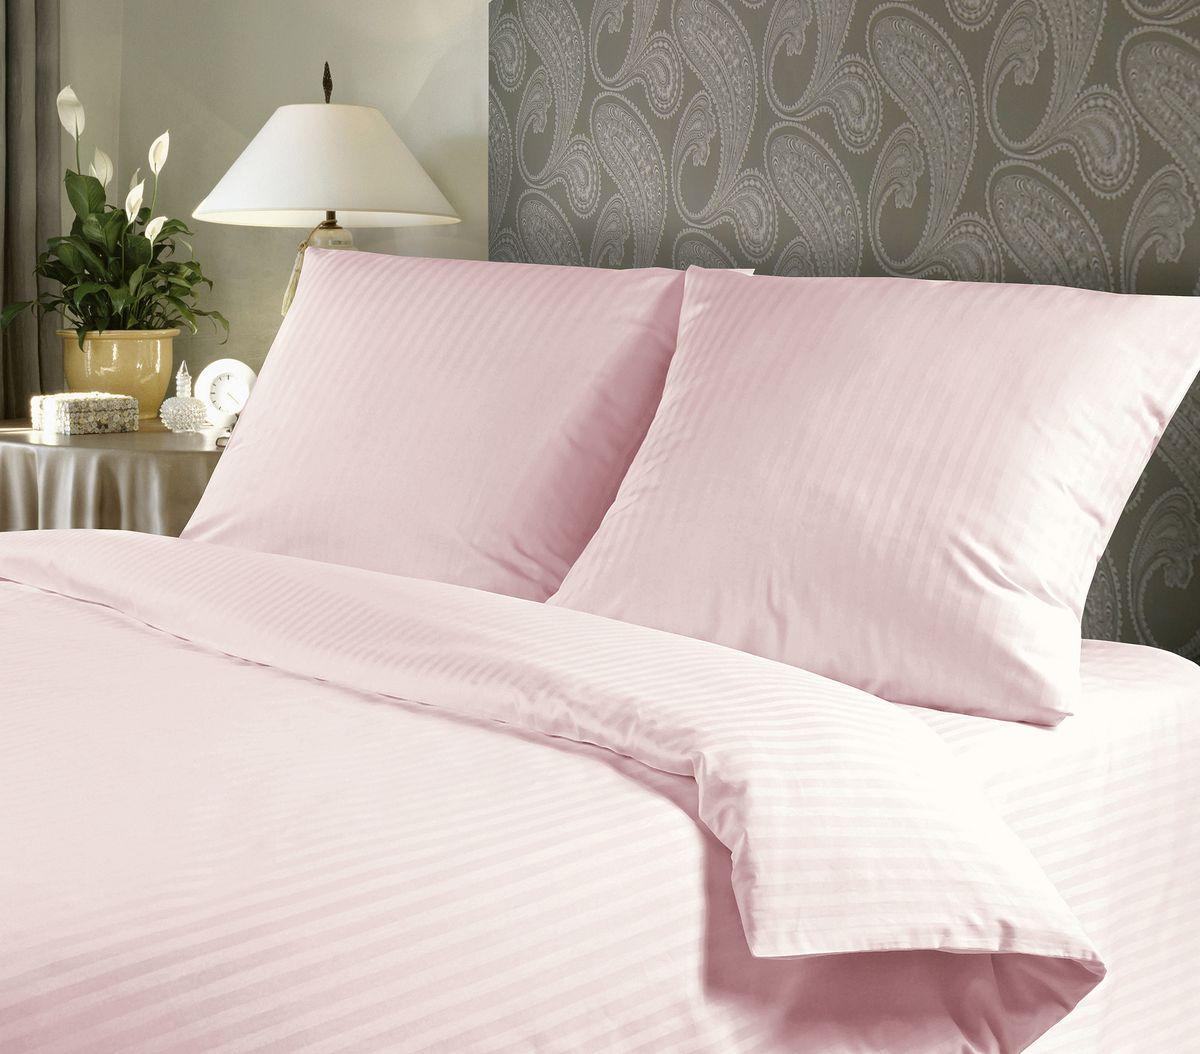 Комплект белья Verossa, 2-спальный, наволочки 70х70, цвет: розовый192833Сатин - настоящая роскошь для любителей понежиться в постели. Вас манит его блеск, завораживает гладкость, ласкает мягкость, и каждая минута с ним - истинное наслаждение. Тонкая пряжа и атласное переплетение нитей обеспечивают сатину мягкость и деликатность. Легкий блеск сатина делает дизайны живыми и переливающимися. 100% хлопок, не электризуется и отлично пропускает воздух, ткань дышит. Легко стирается и практически не требует глажения. Не линяет, не изменяет вид после многочисленных стирок.